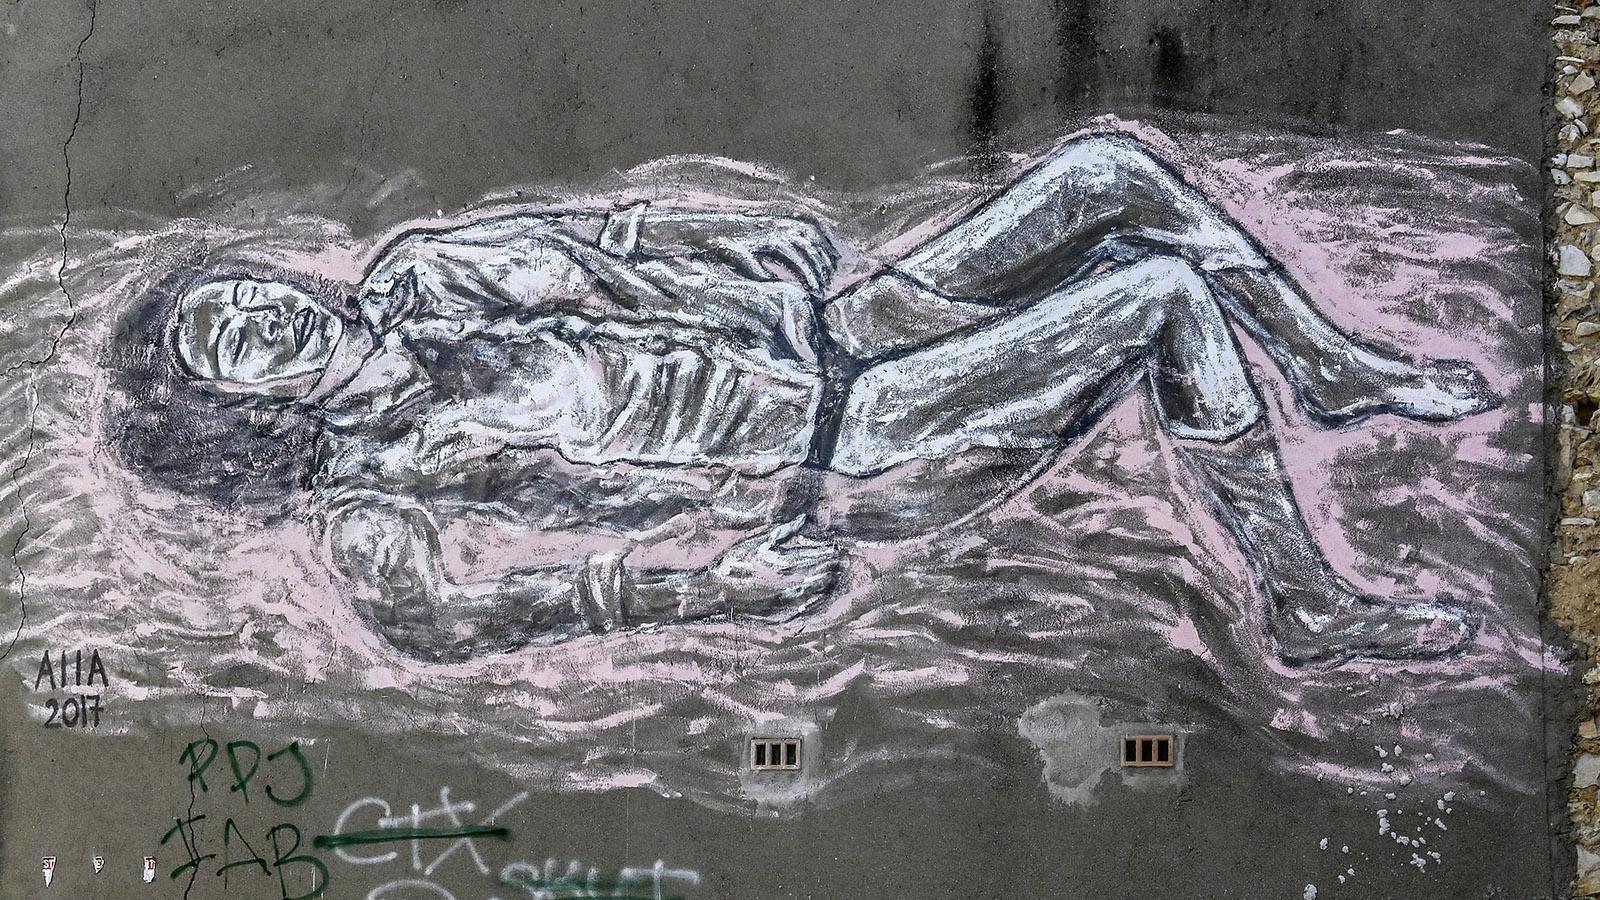 Street Art Nîmes, Richelieu: Liegende Frau, AIIA. Foto: Hilke Maunder